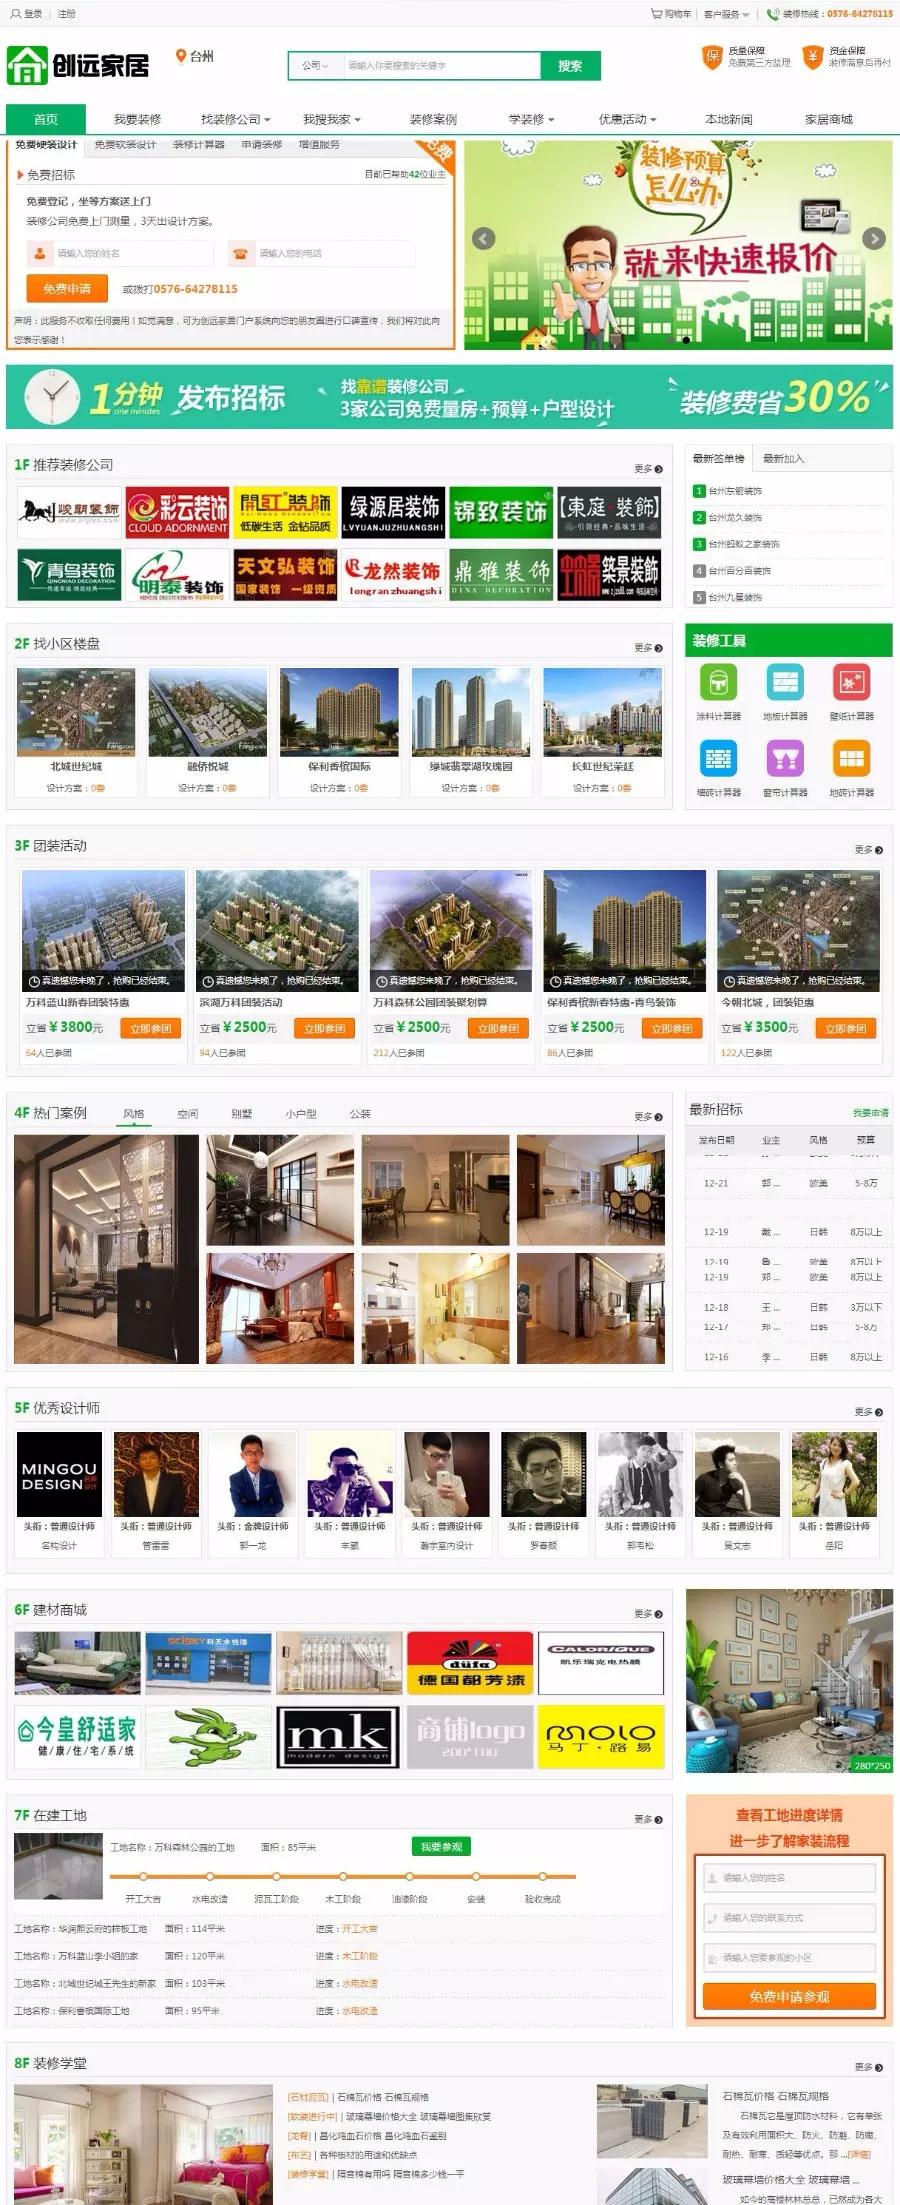 仿土巴兔模版PHP家居装修装饰网站源码V6.0多城市版源码下载